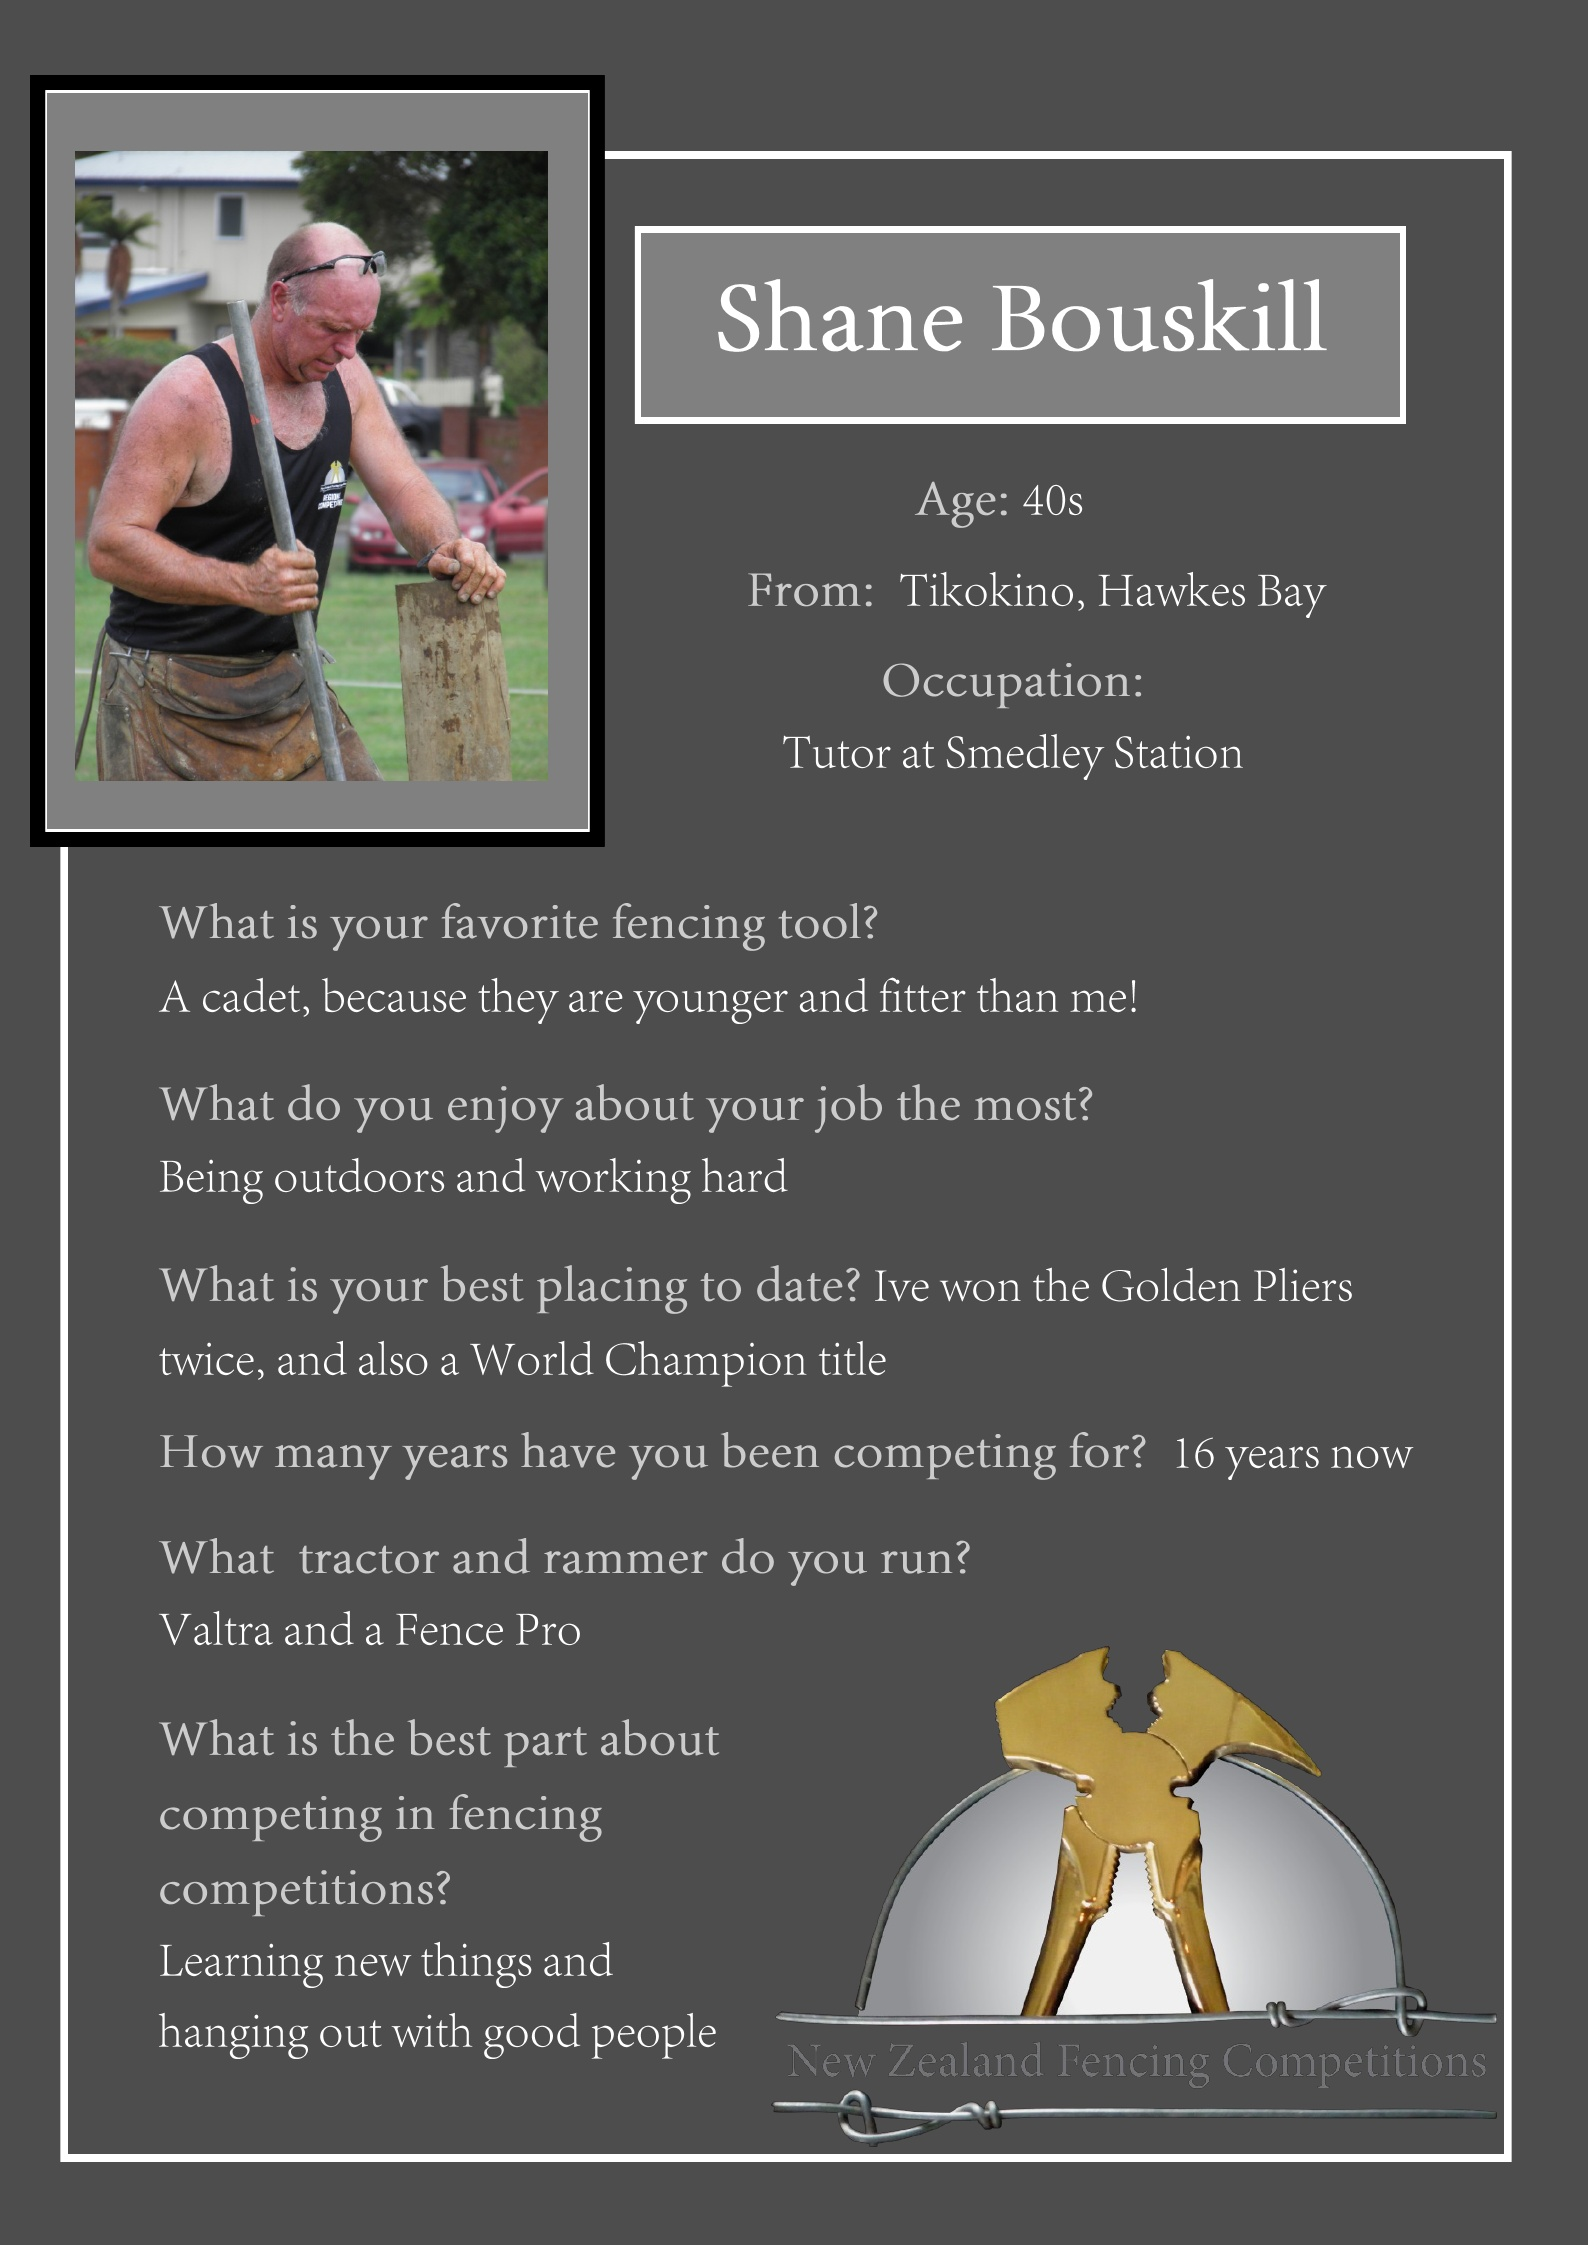 Shane Bouskill